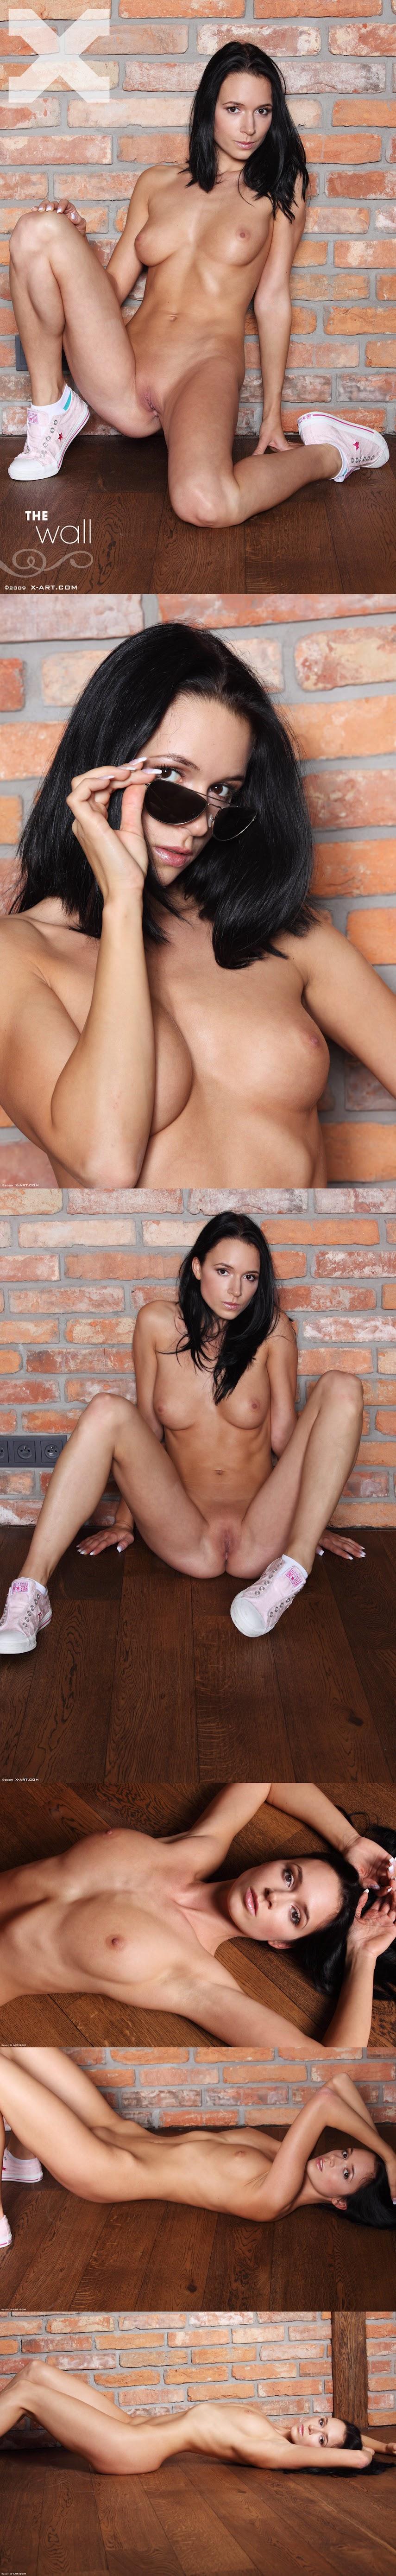 x-art_anna_the_wall-lrg.zip-jk- x-art anna the wall-lrg